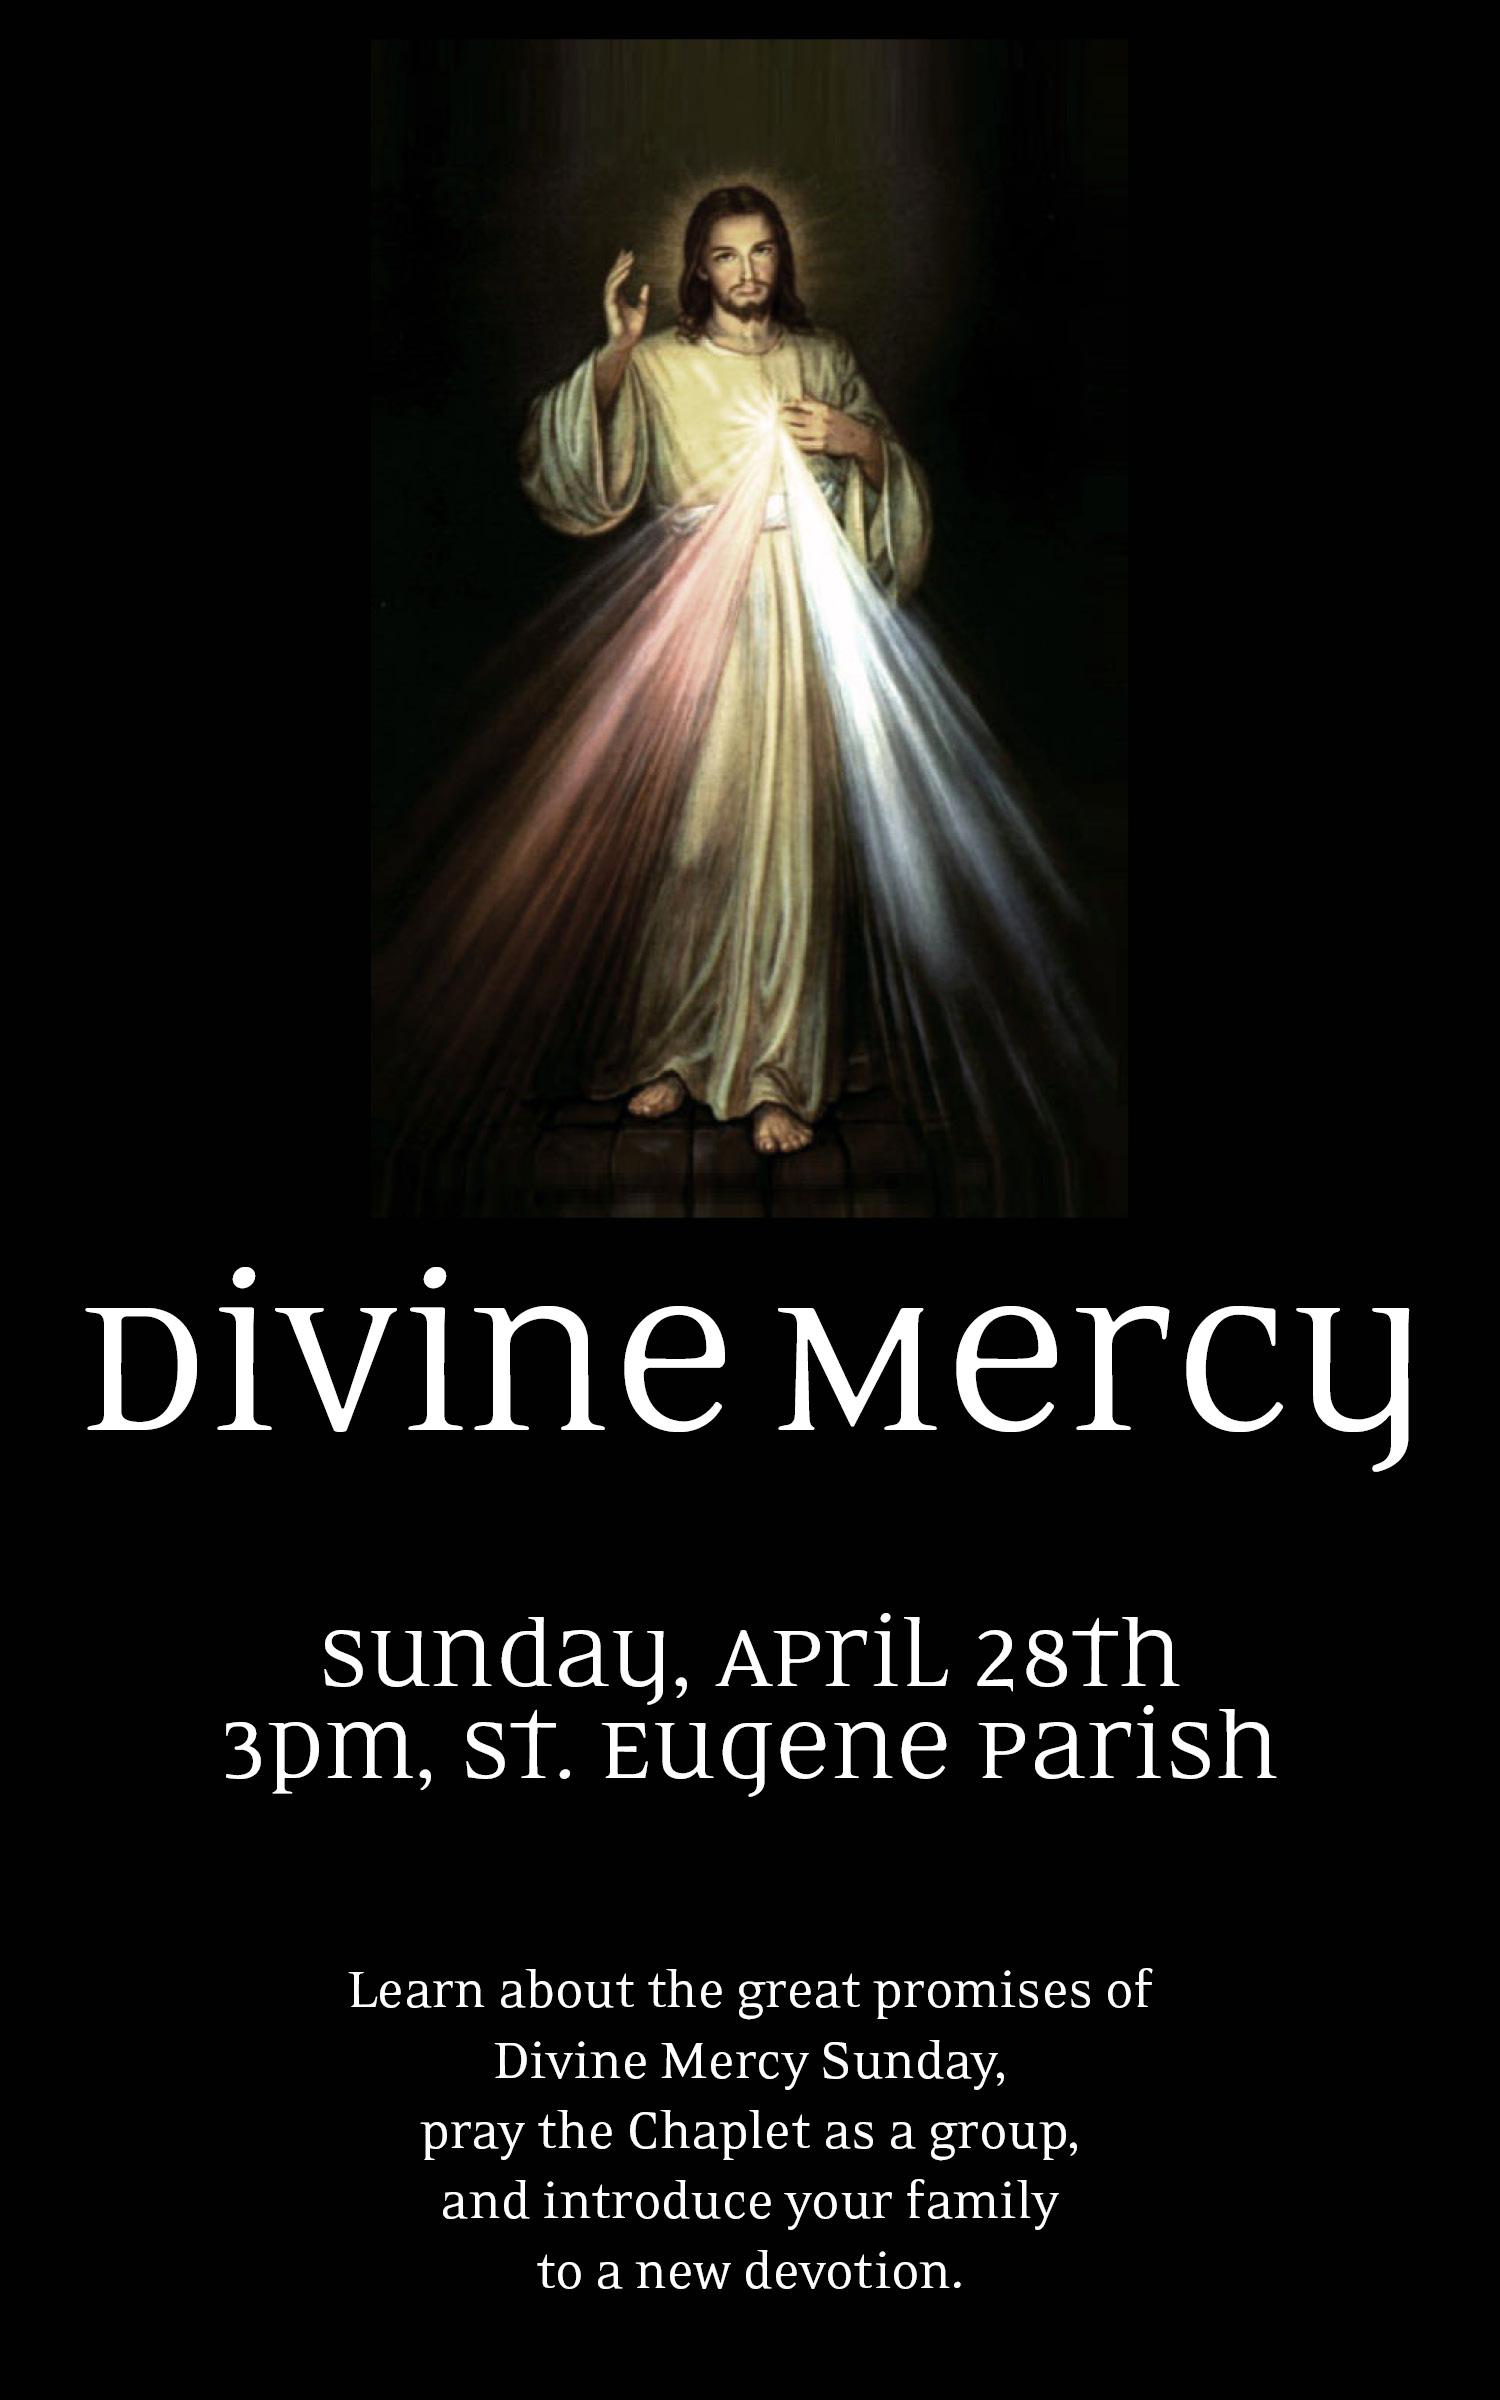 divinemercypage.jpg